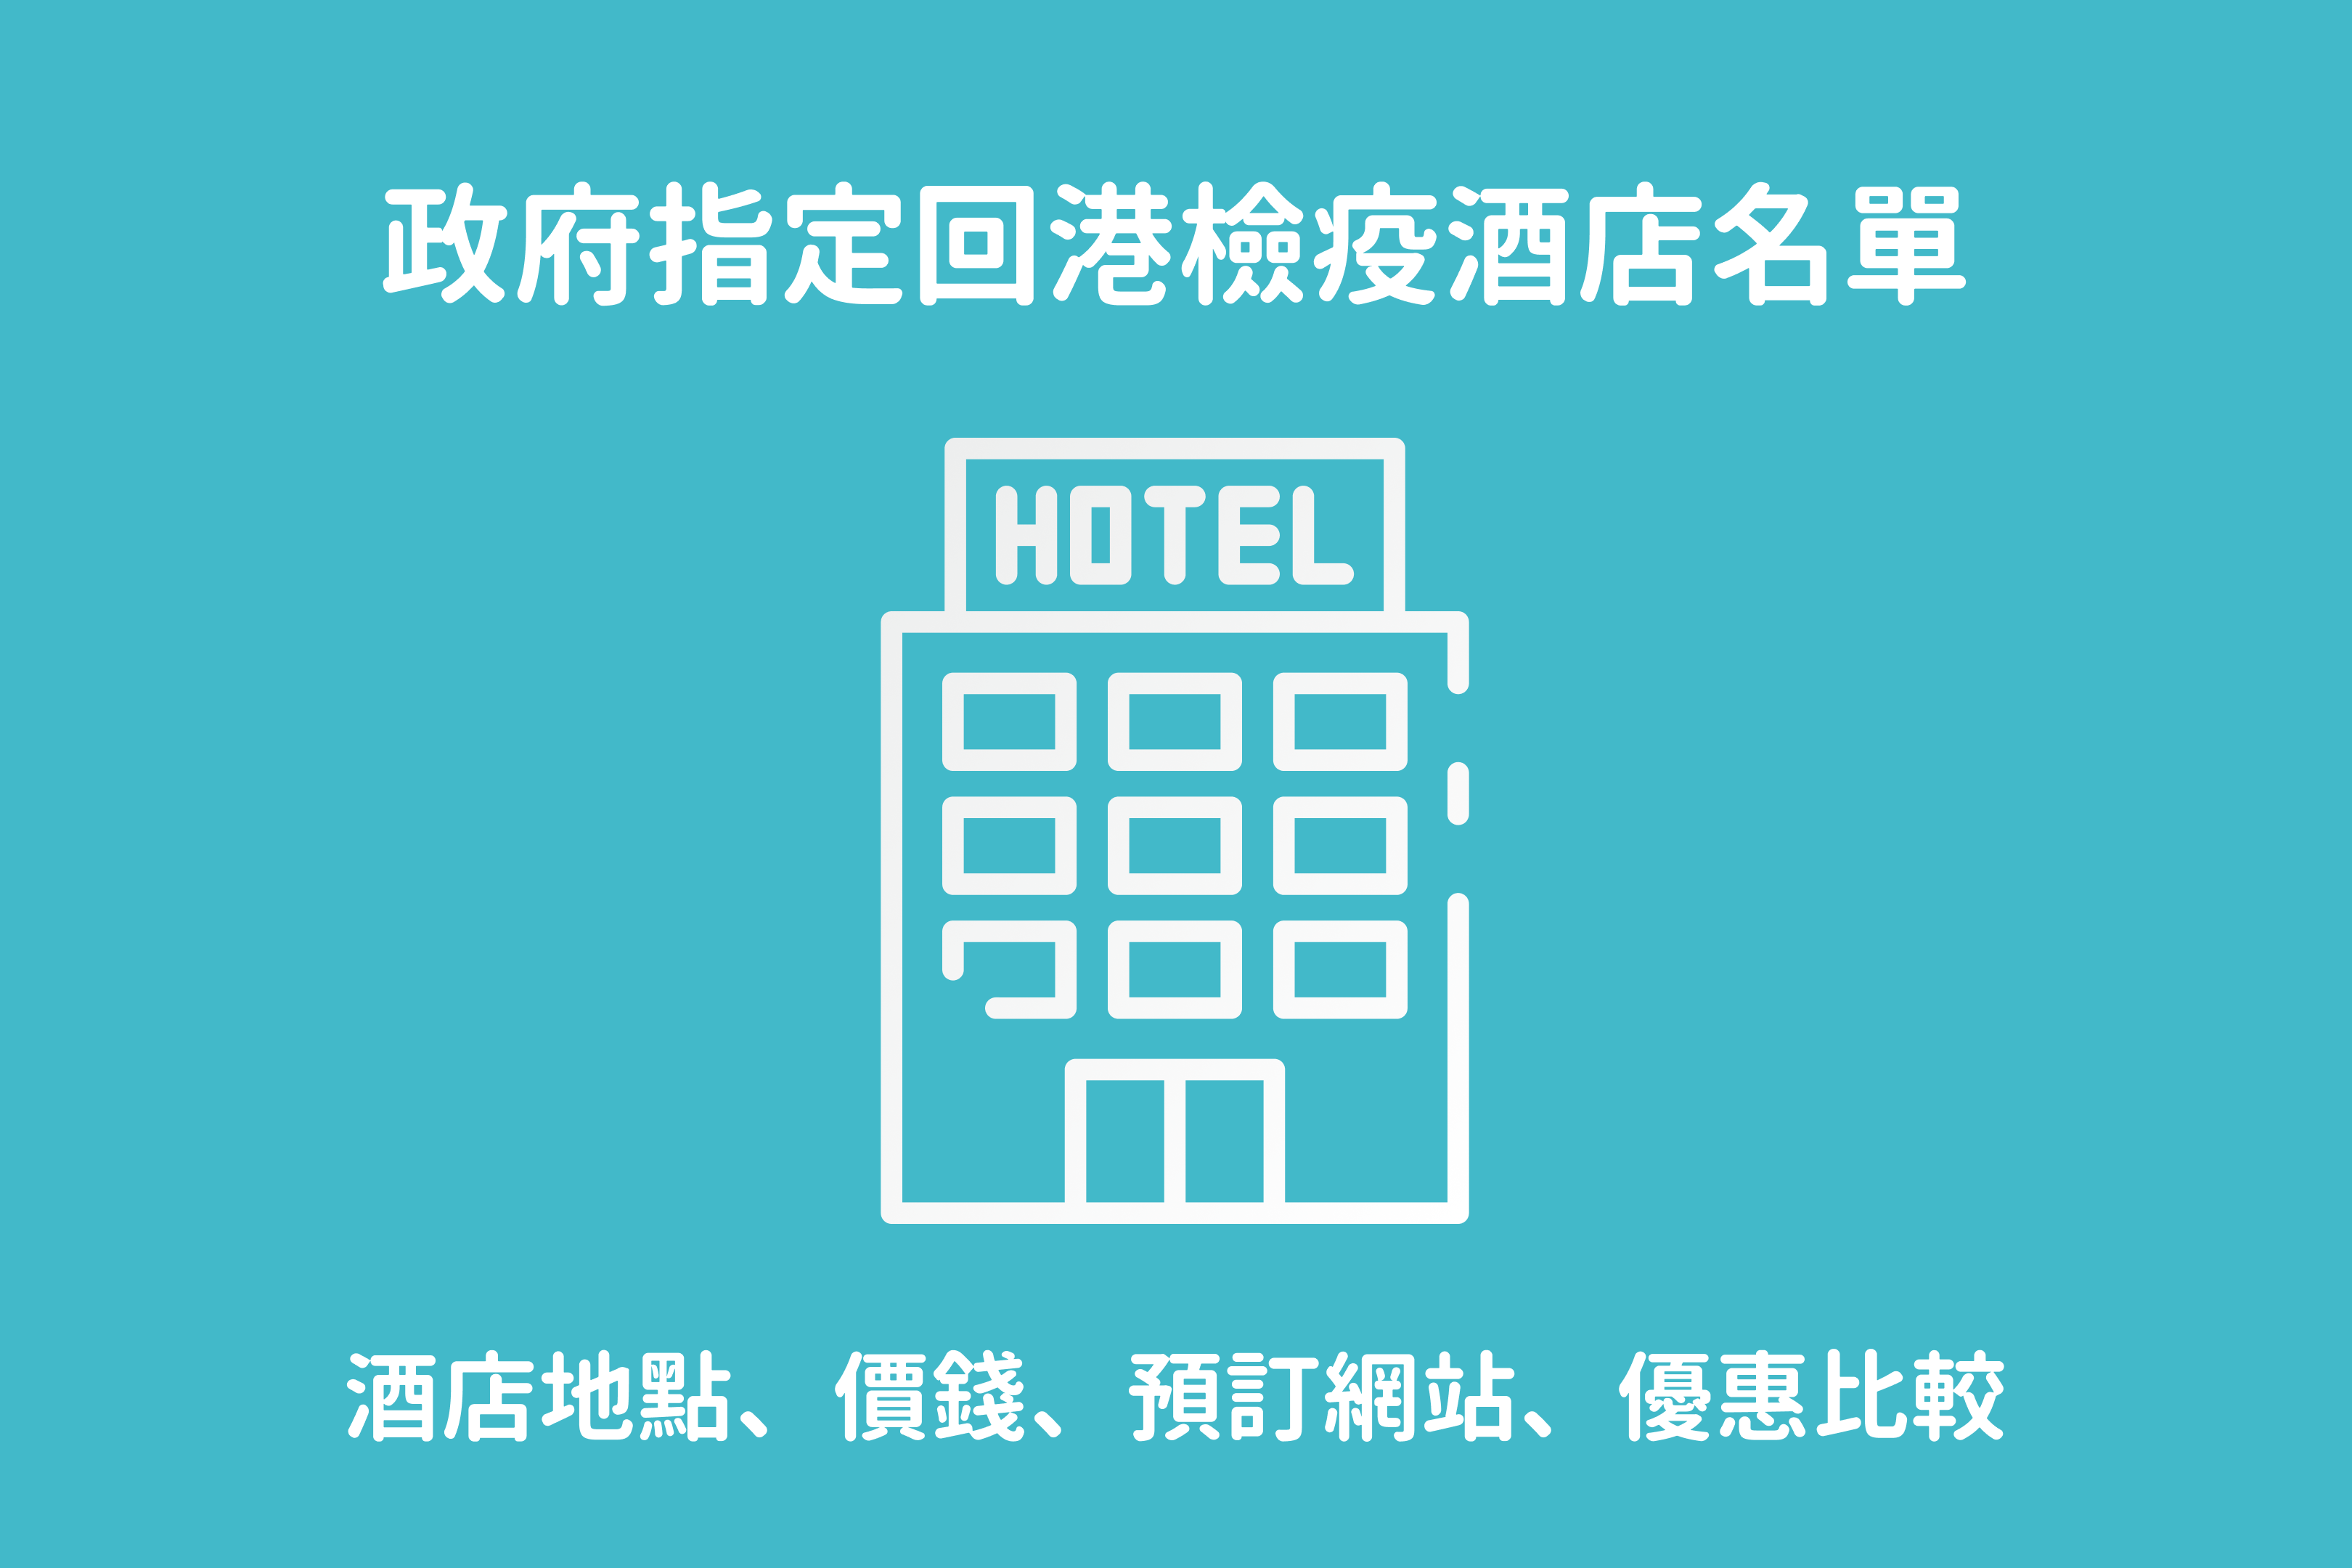 檢疫酒店 隔離酒店 防疫酒店 政府指定名單